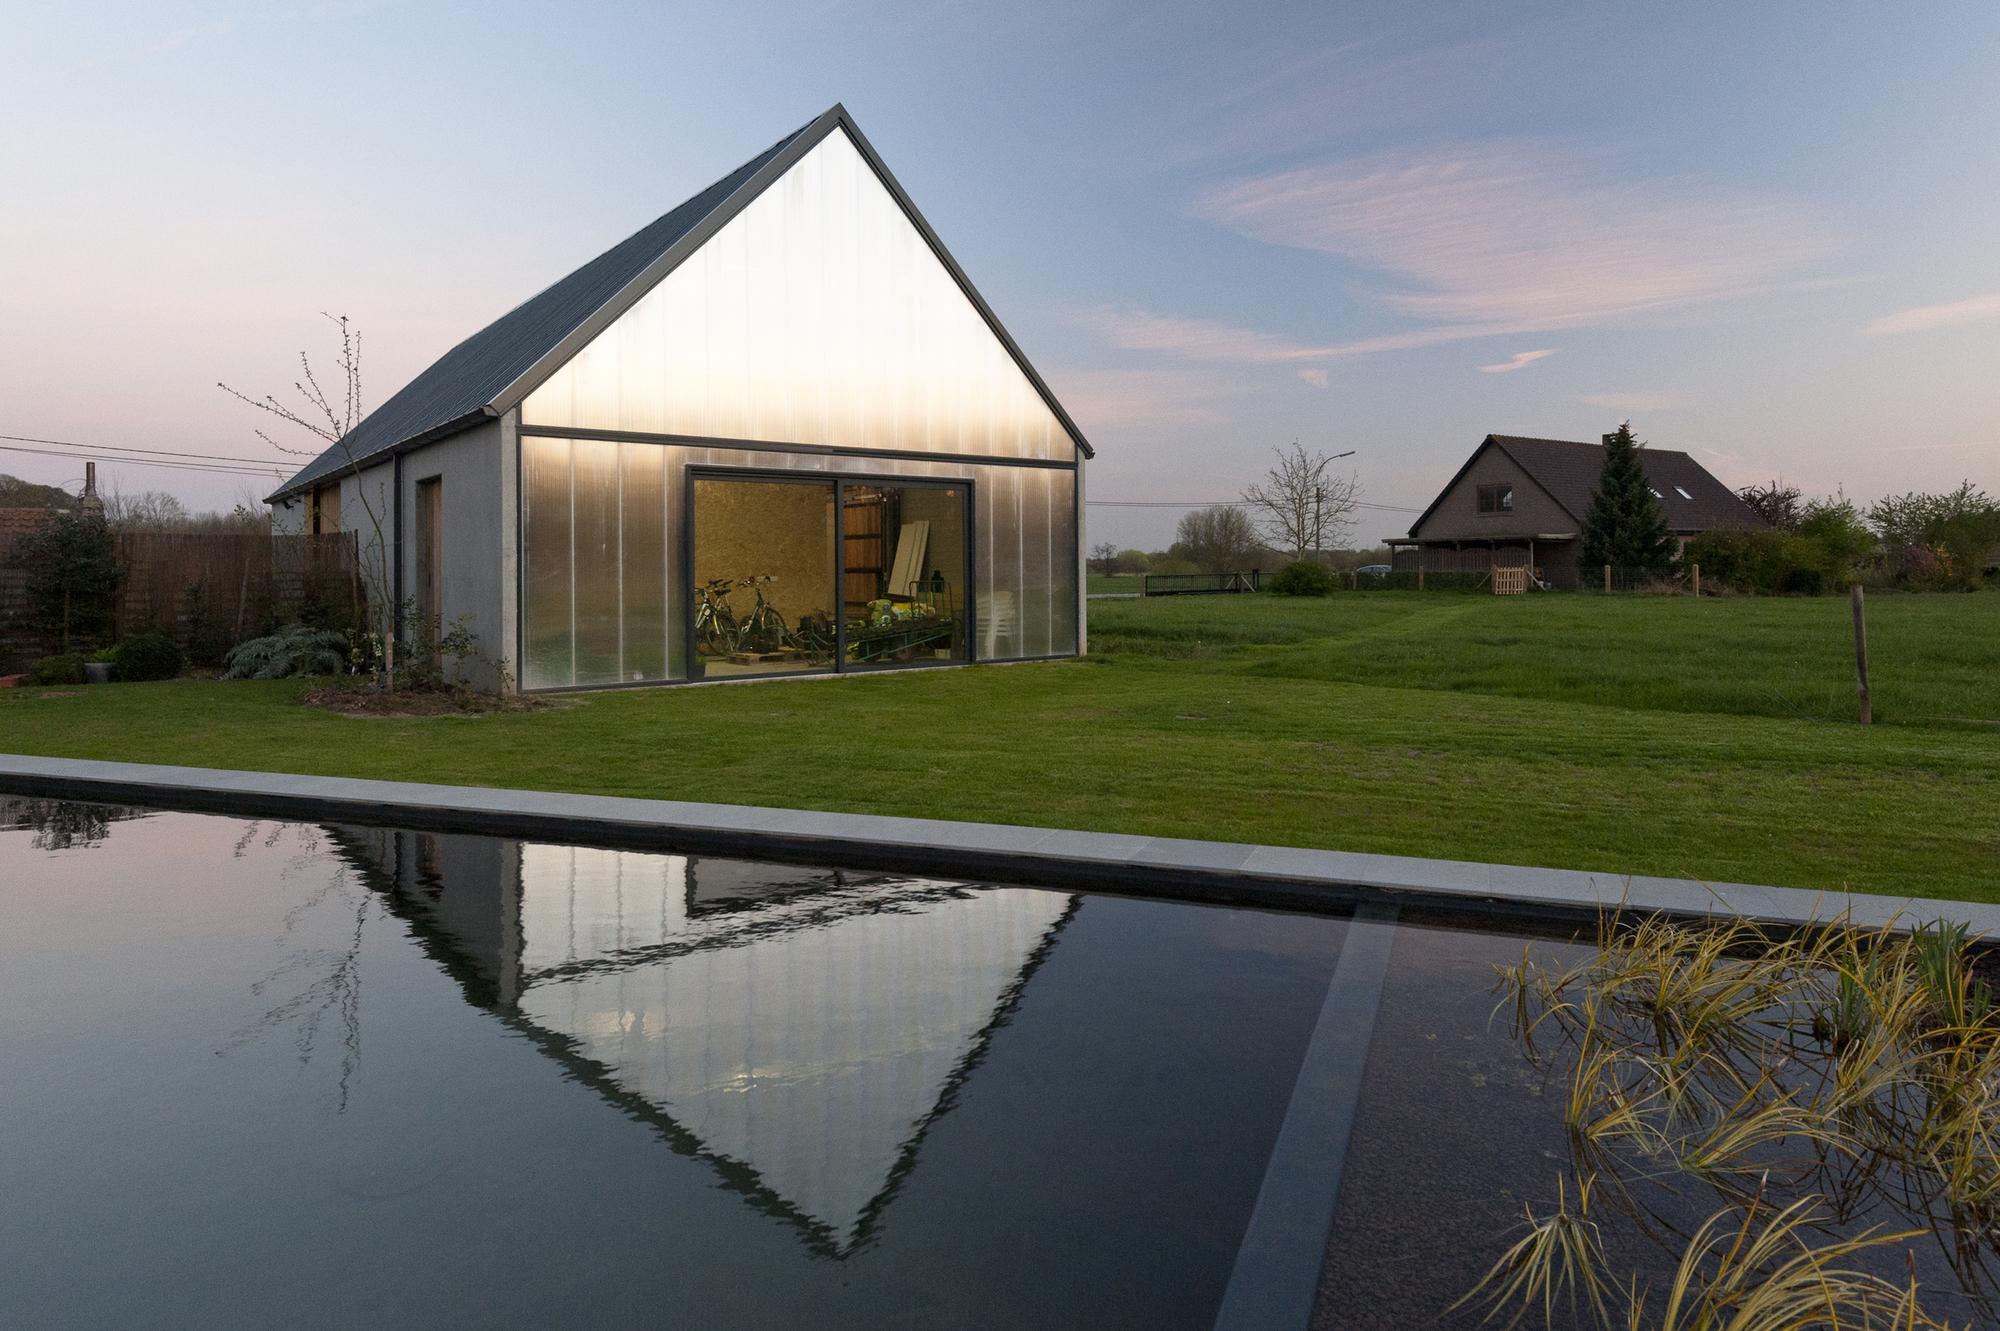 Gallery of contemporary barn p l o e g architecten 4 - The contemporary barn ...